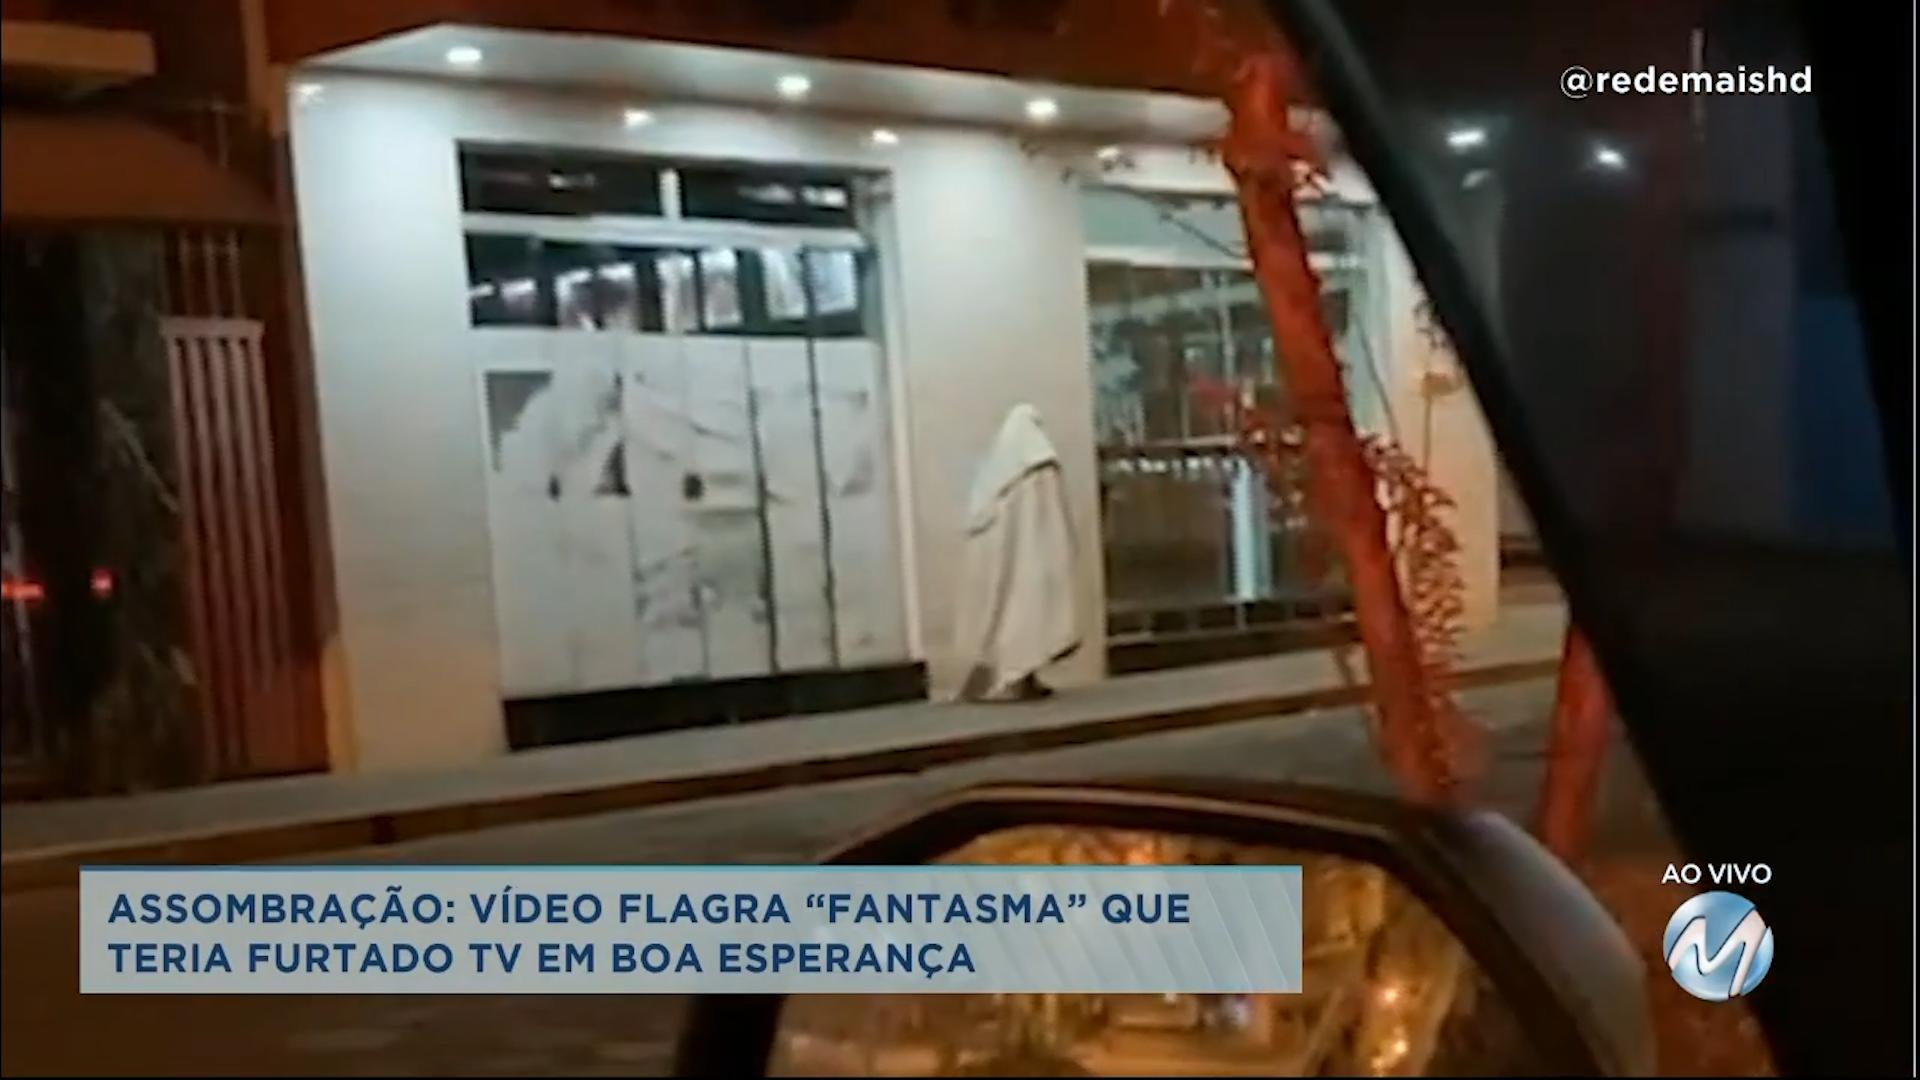 """""""Fantasma"""" teria furtado TV em Boa Esperança"""